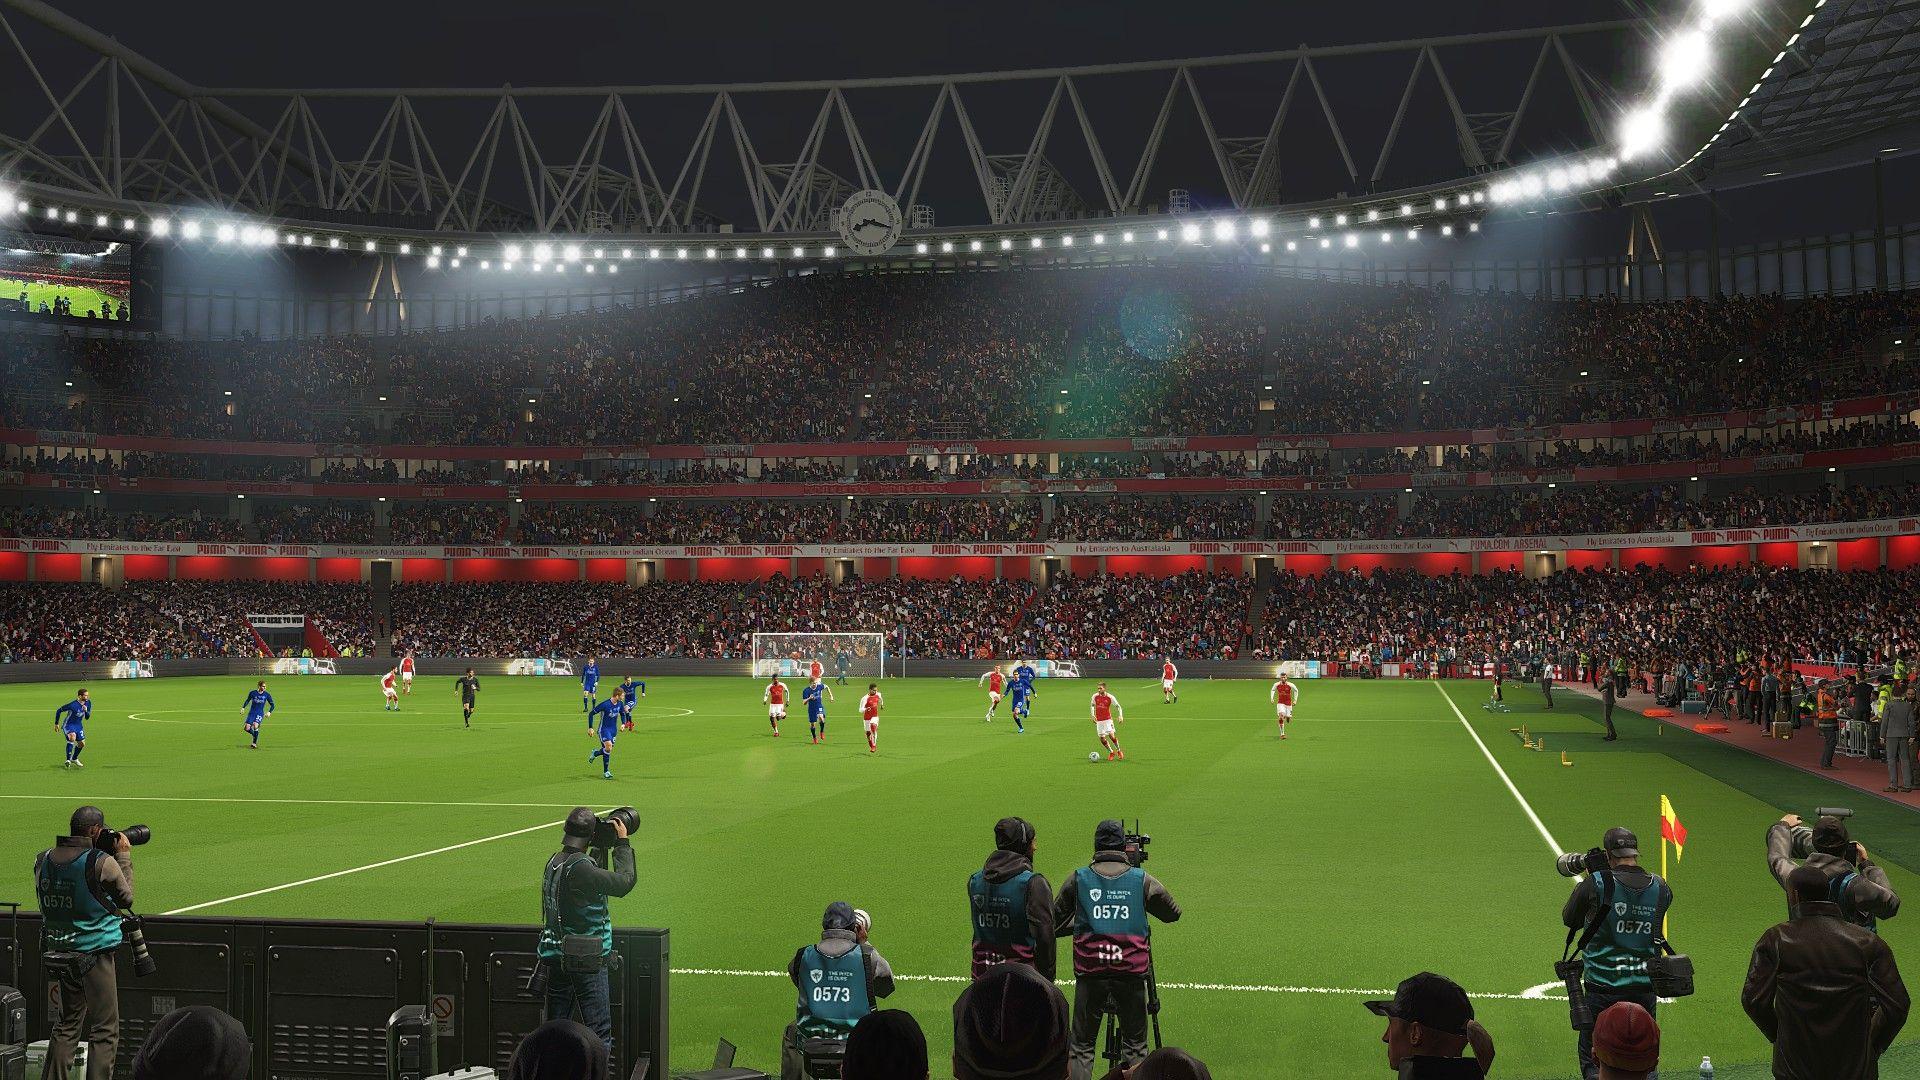 Emirates Stadium full hd 1080p wallpaper